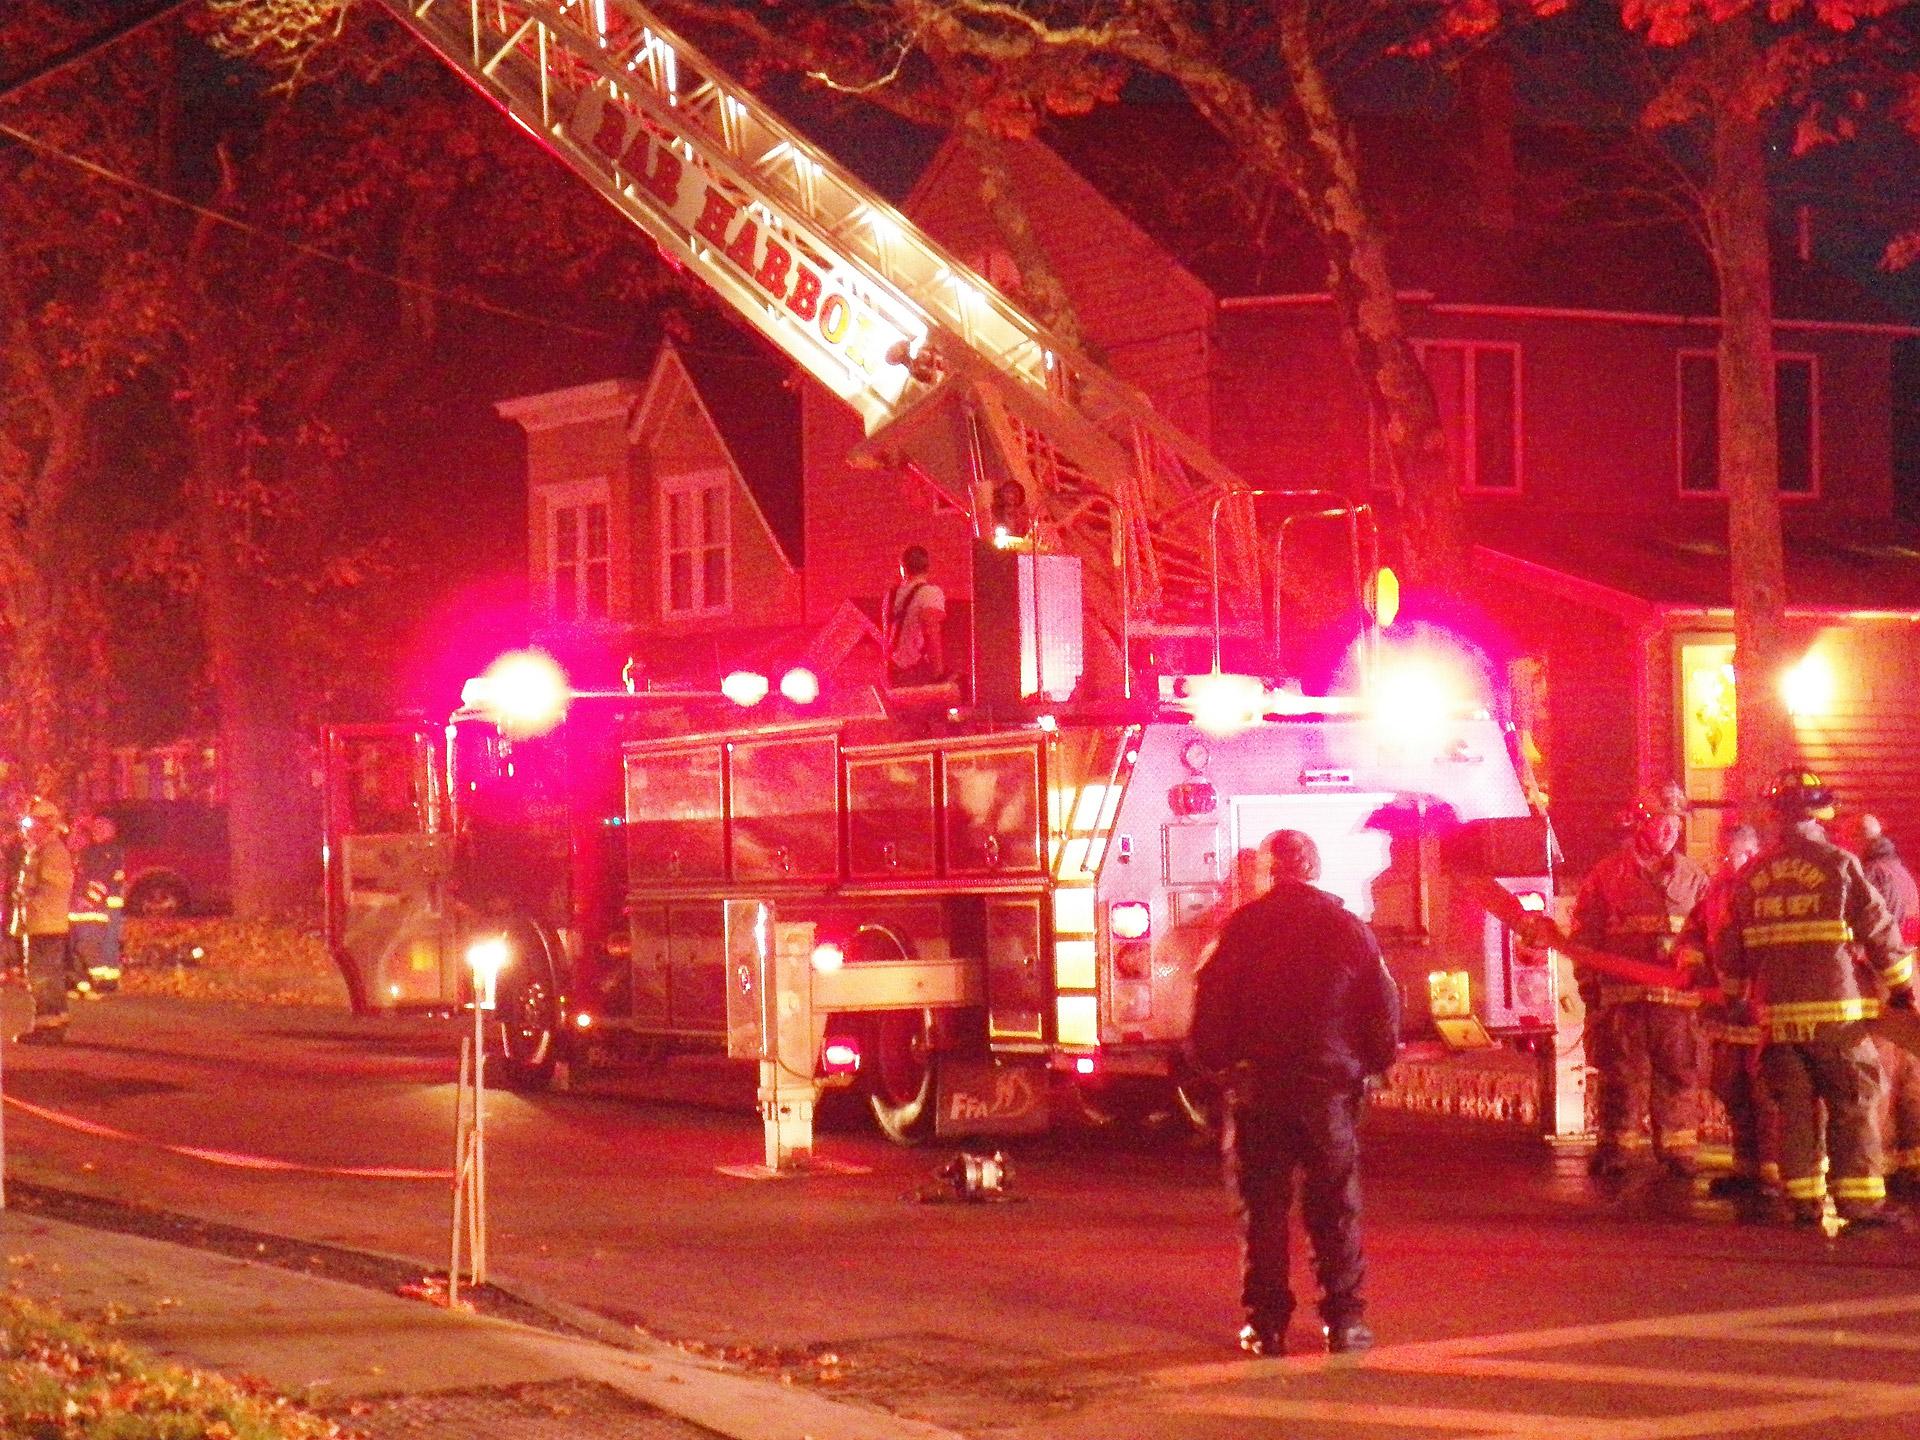 fire-truck-1351439517ffS_1488377149647.jpeg